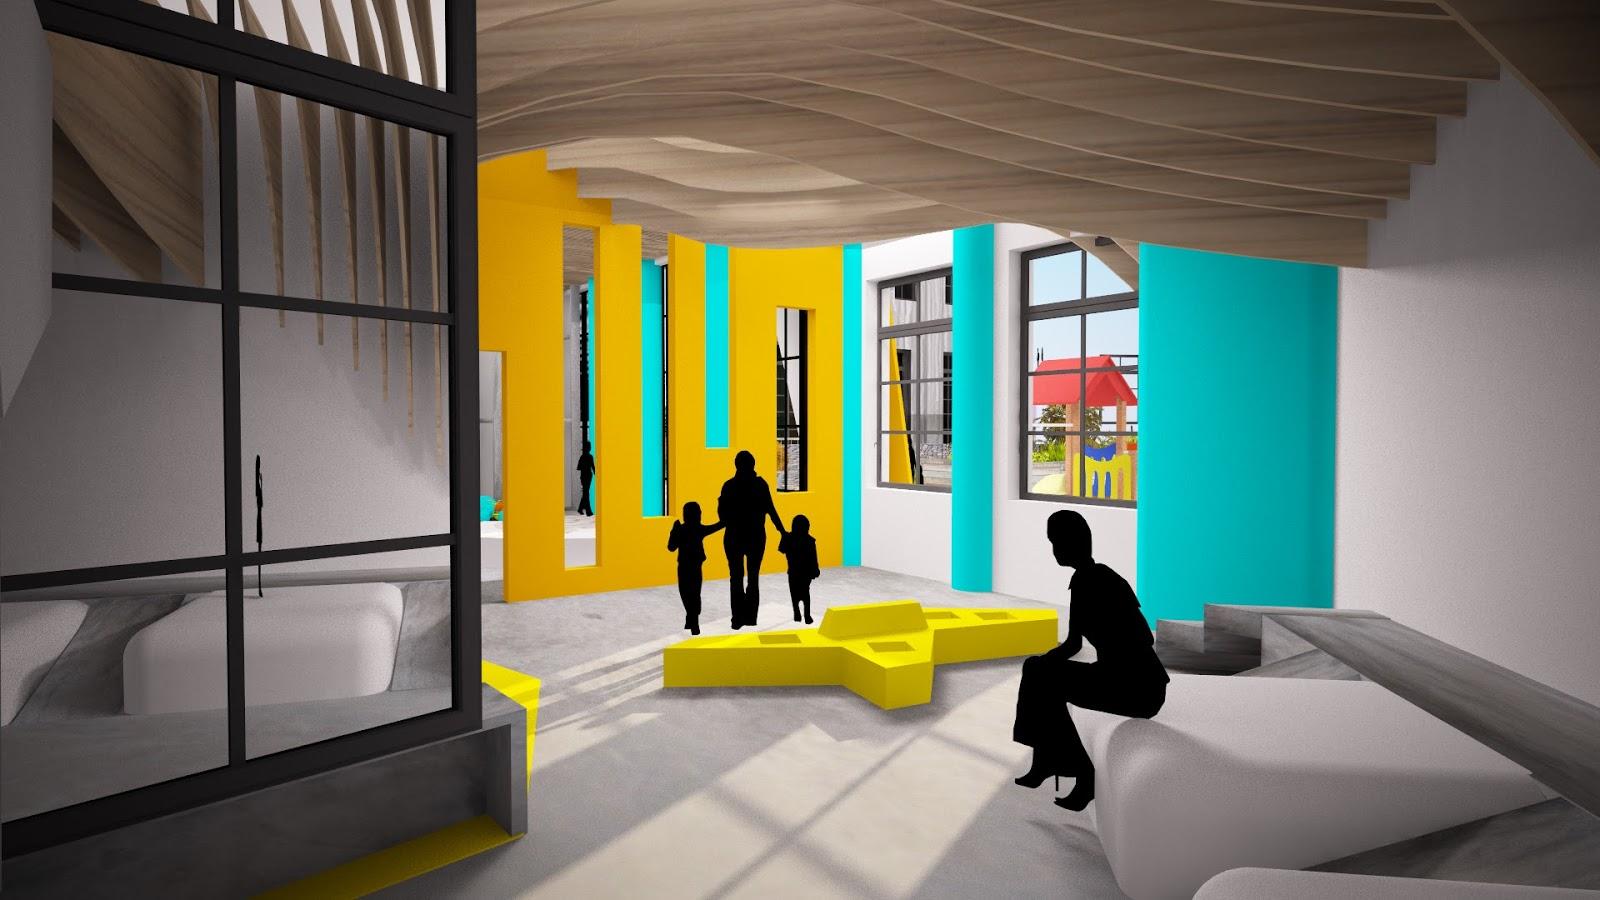 une cr che interg n rationnelle projet professionnel bts design d 39 espace designer d 39 espace. Black Bedroom Furniture Sets. Home Design Ideas